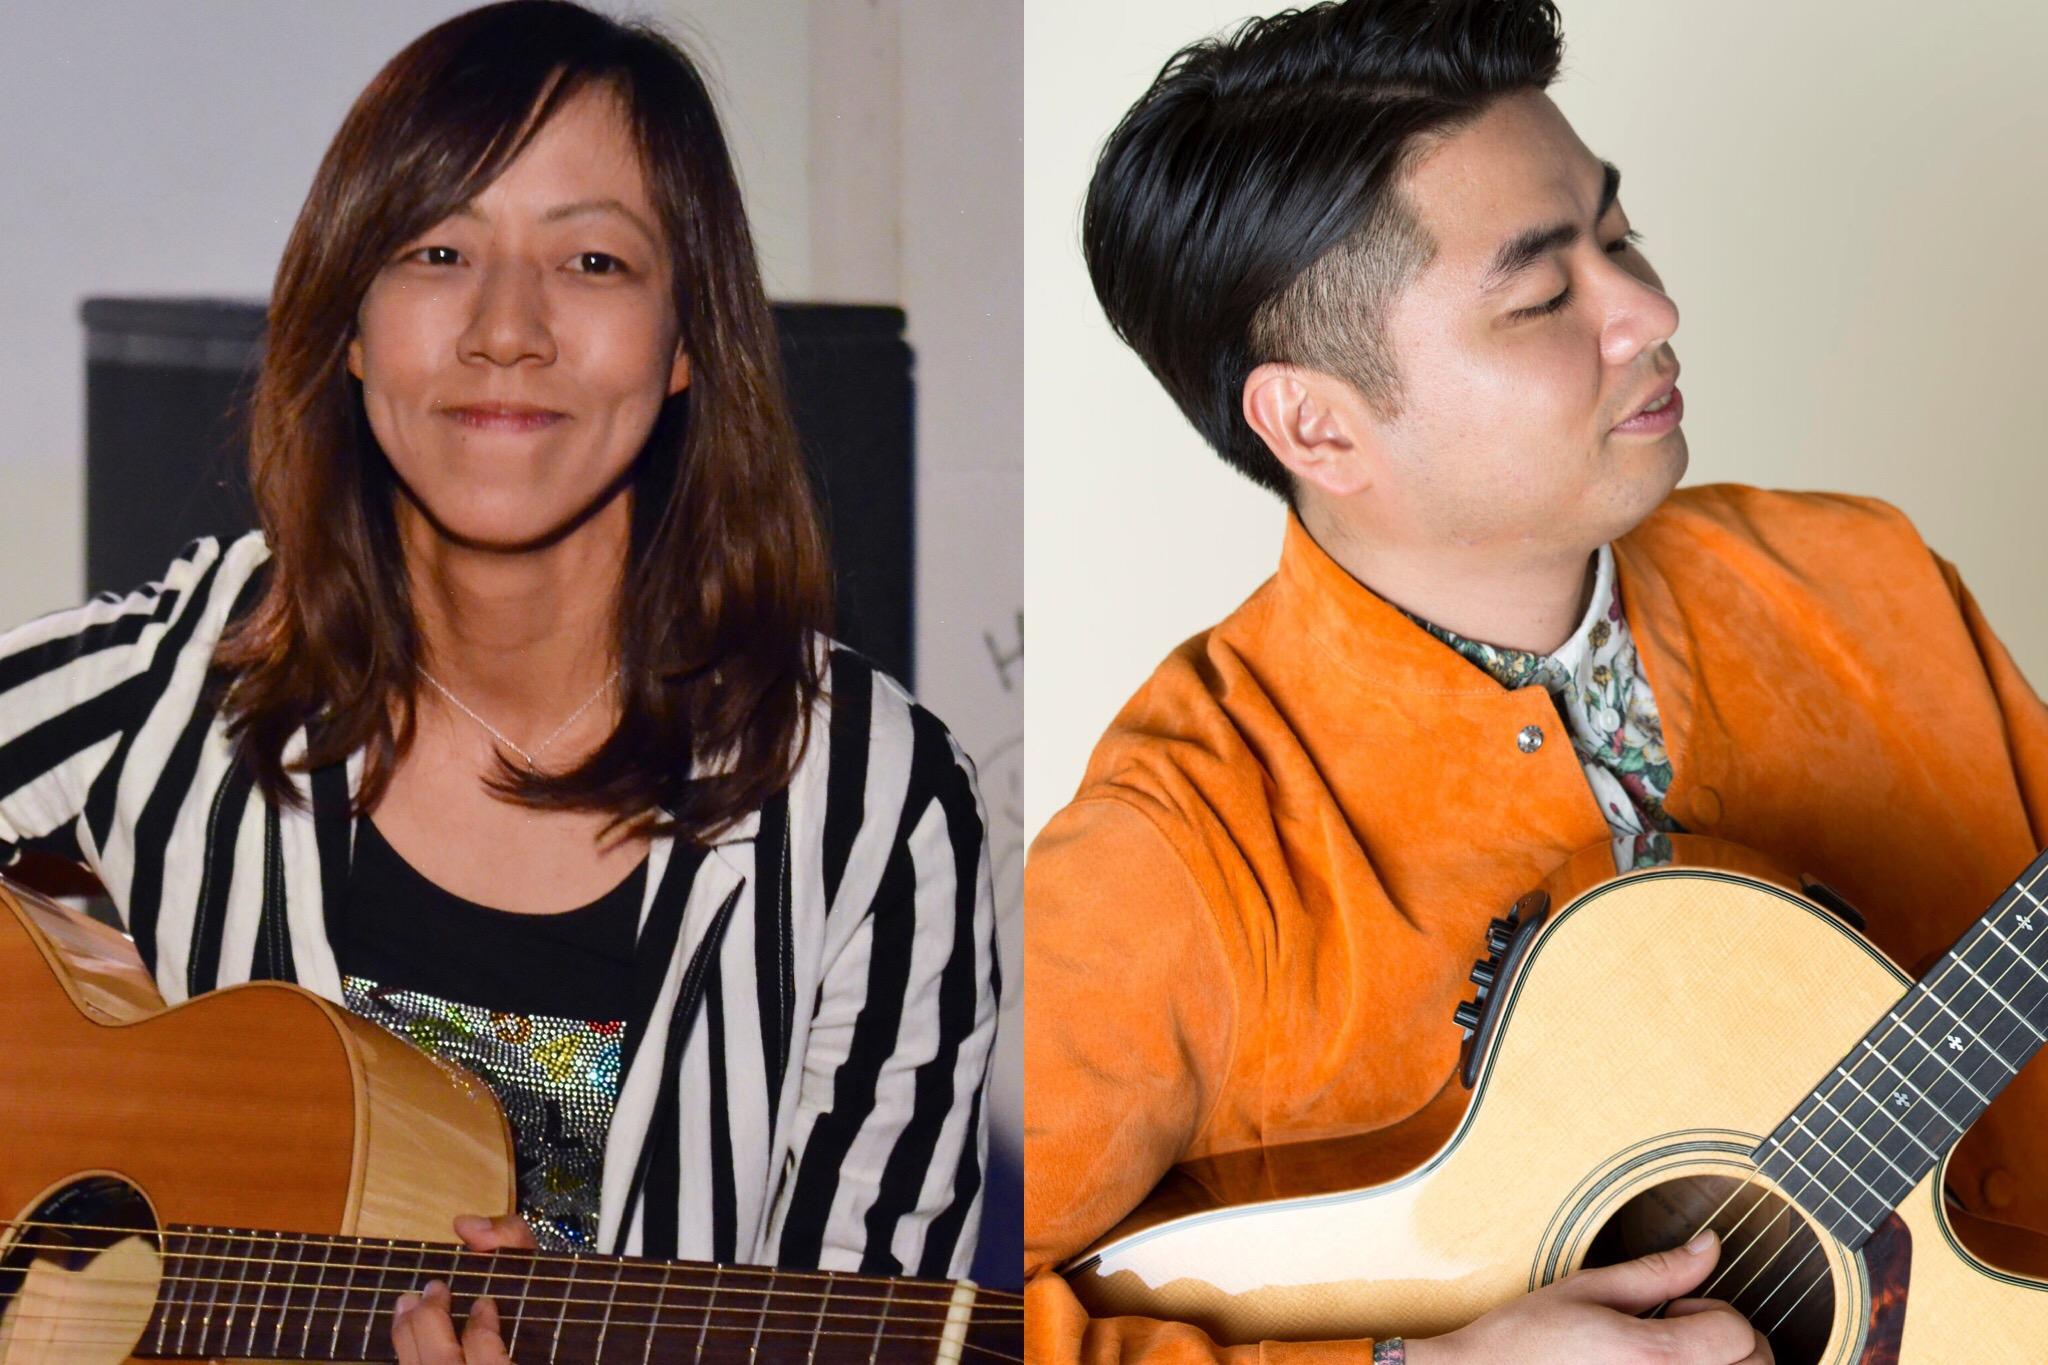 安達久美 & 三浦拓也 Acoustic Guitar Duo